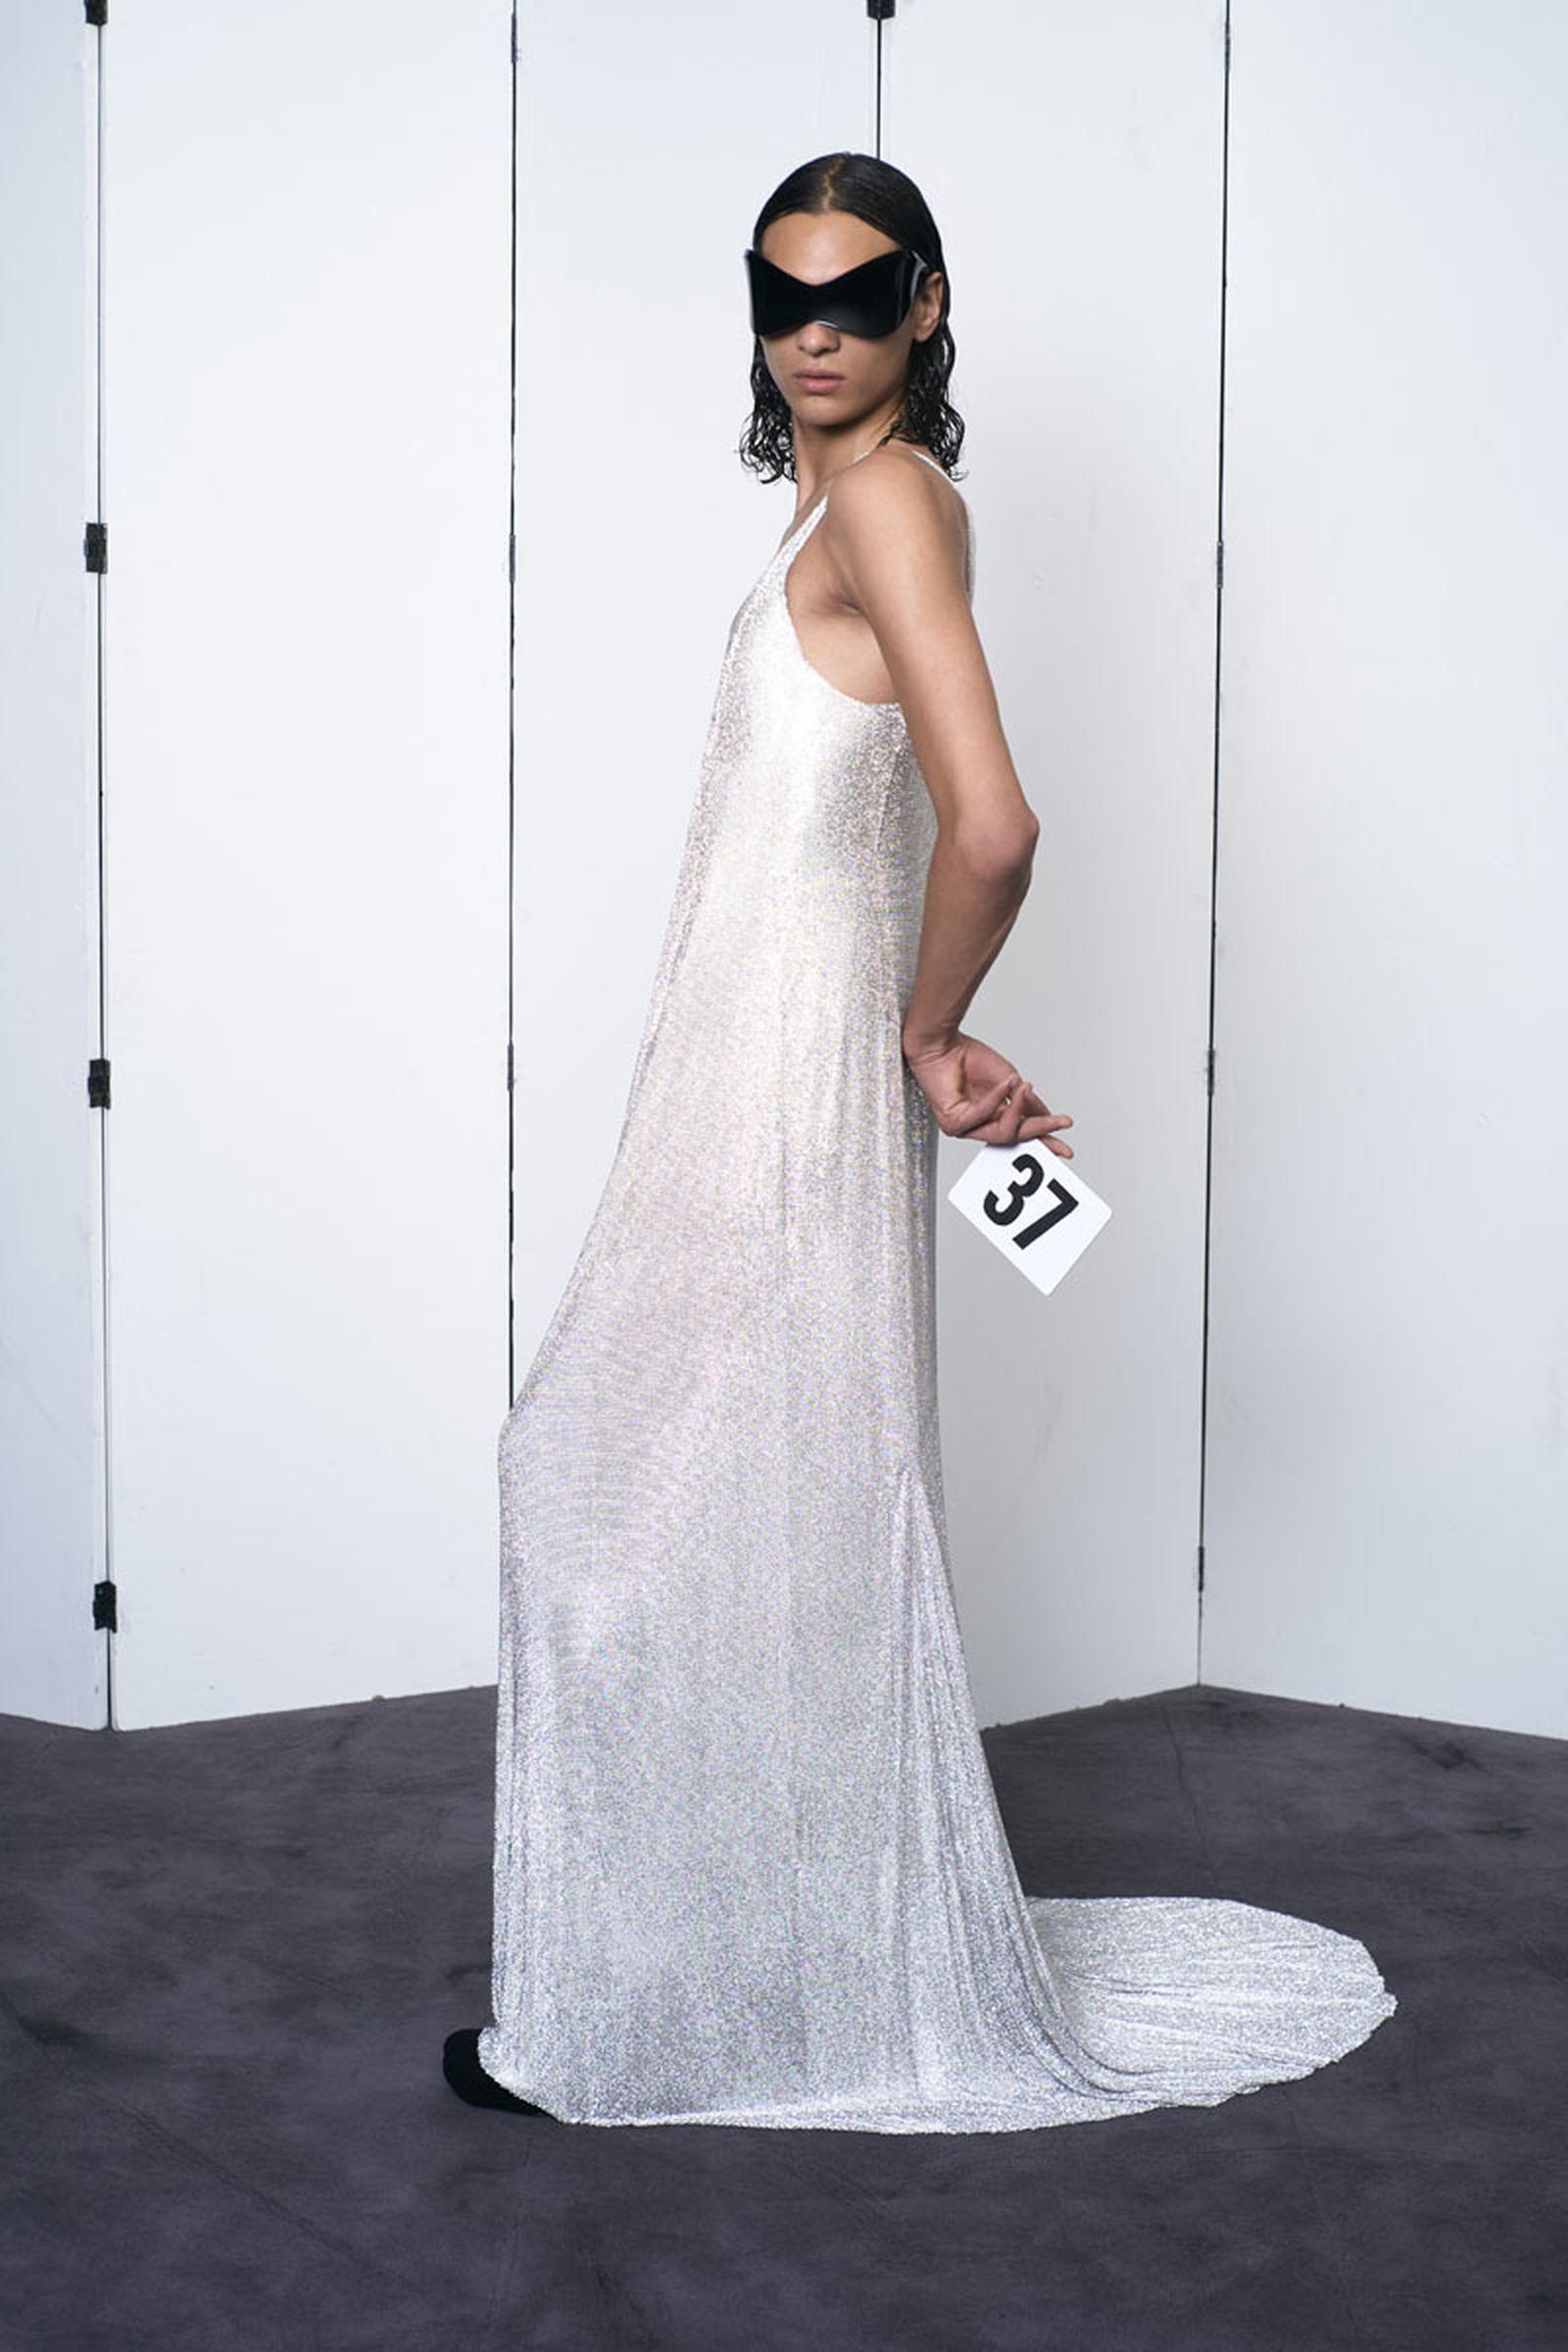 balenciaga-show-report-couture-31